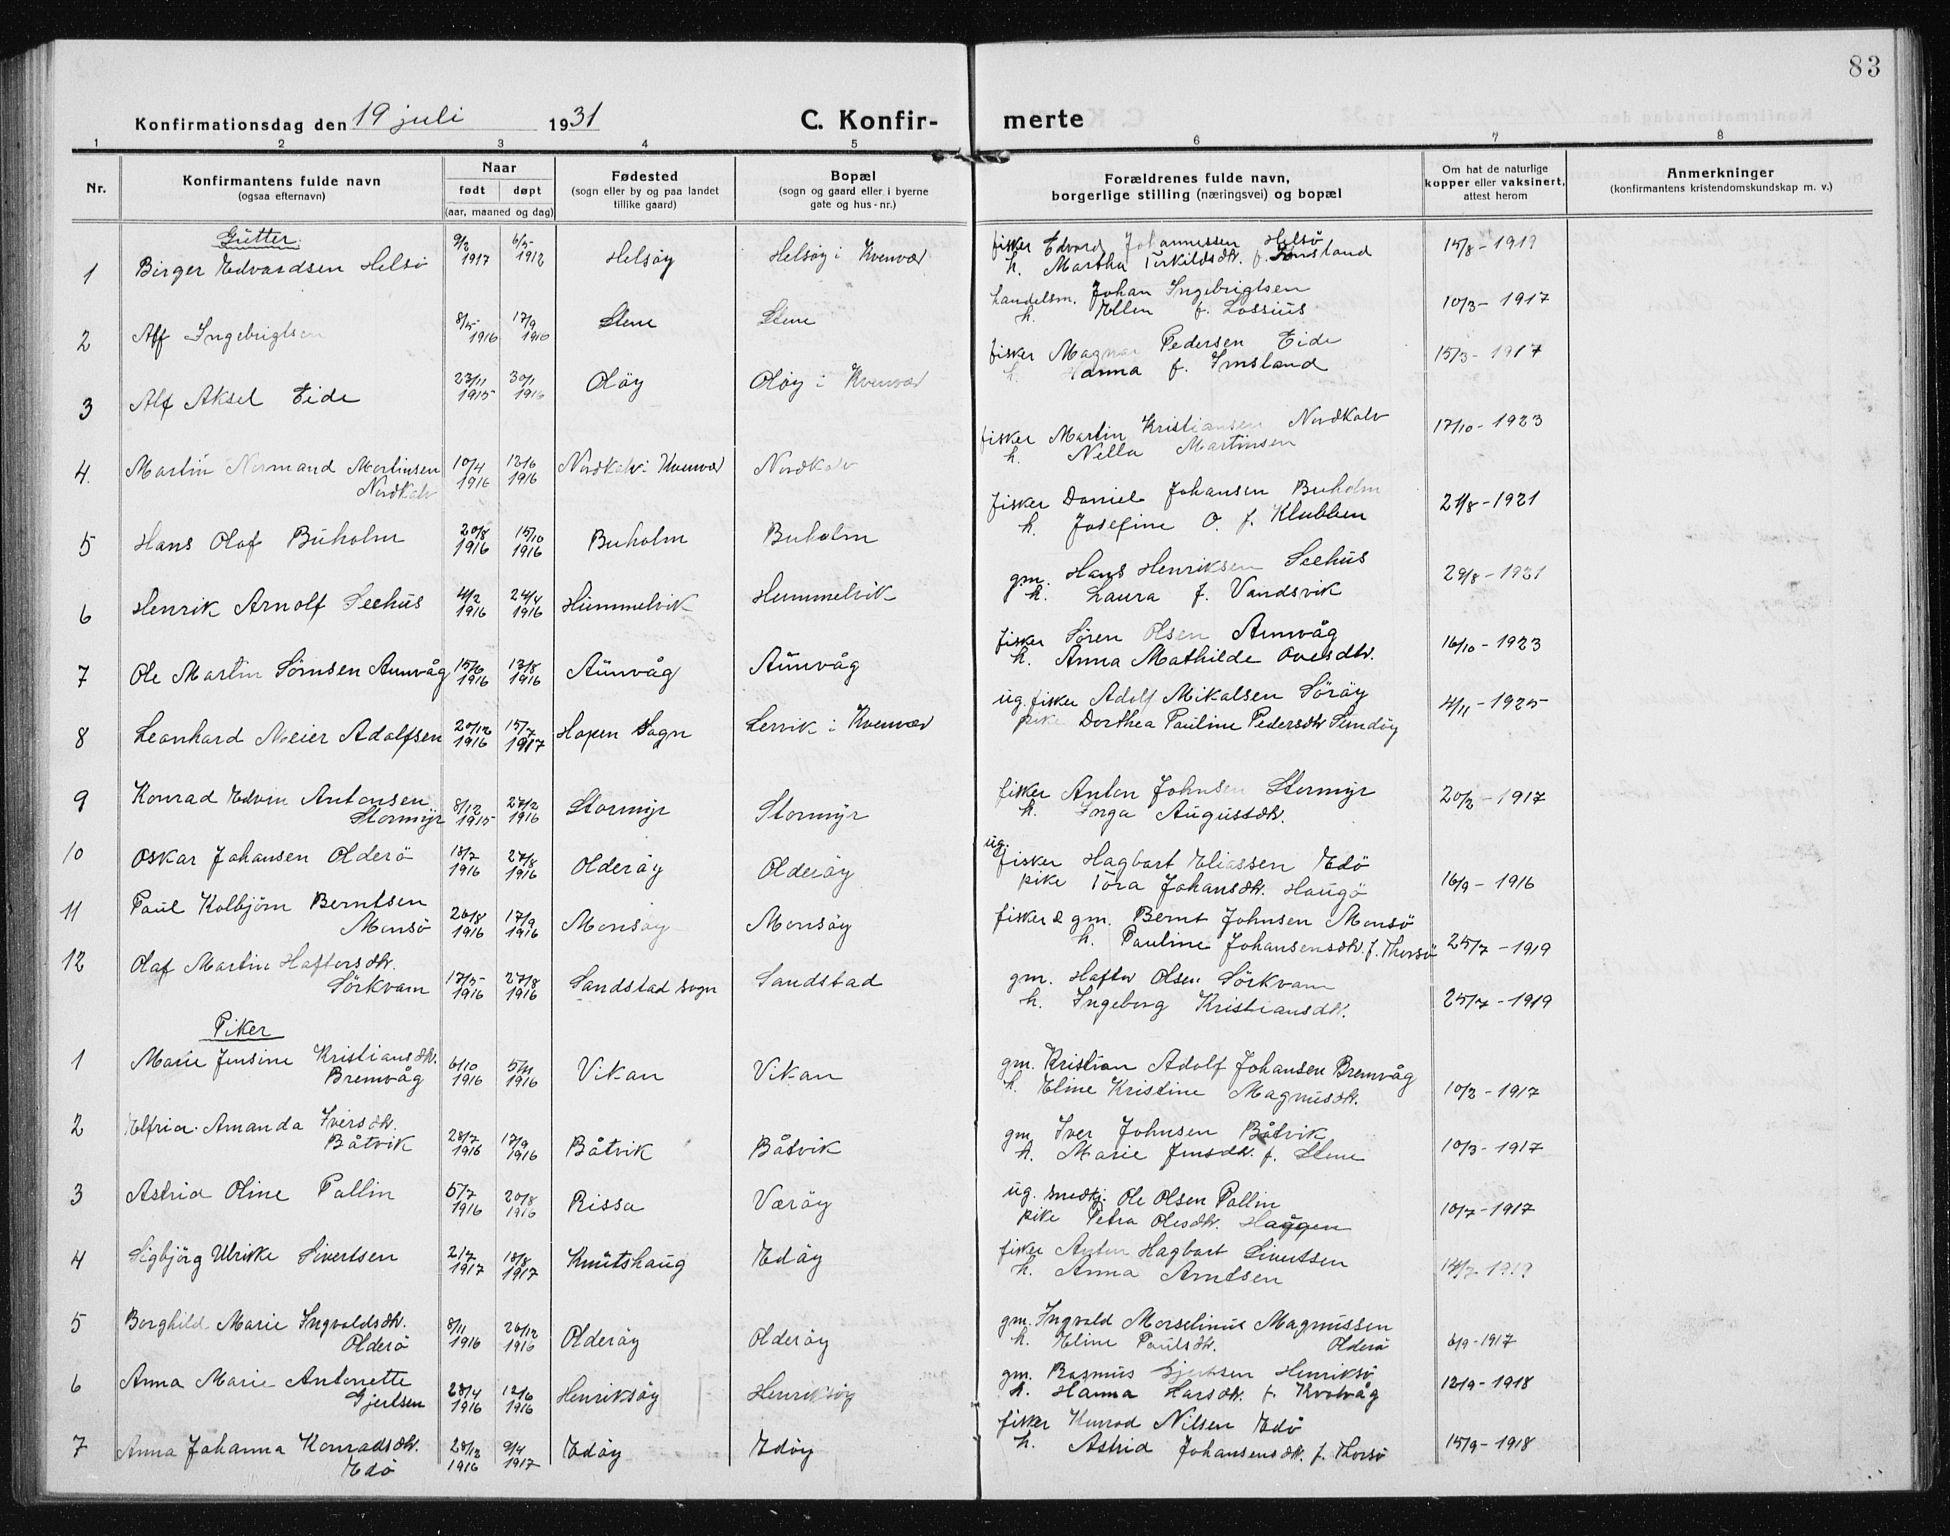 SAT, Ministerialprotokoller, klokkerbøker og fødselsregistre - Sør-Trøndelag, 635/L0554: Klokkerbok nr. 635C02, 1919-1942, s. 83